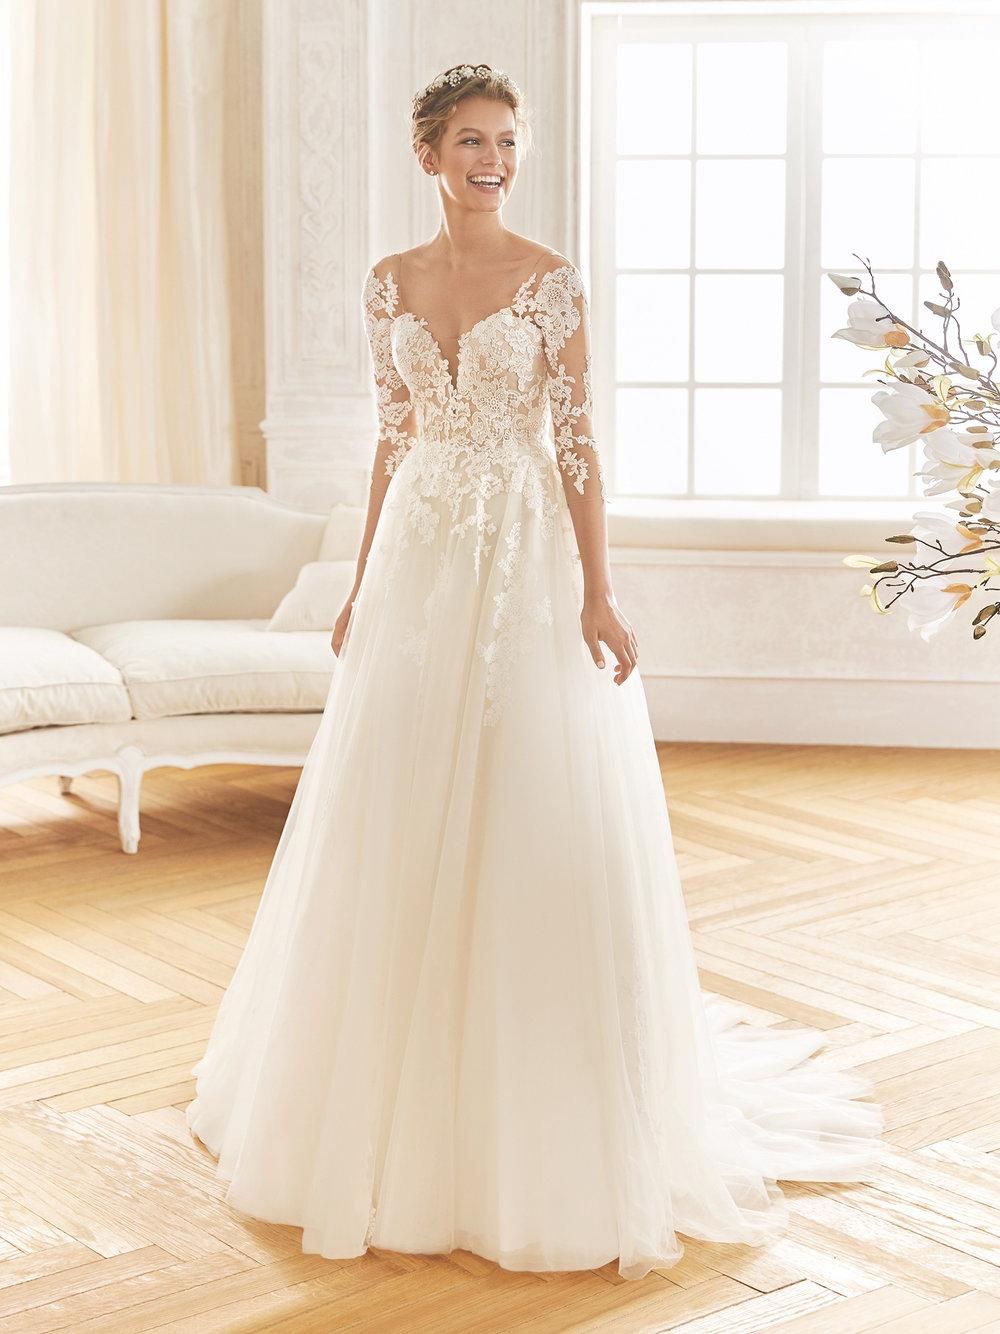 26b4c13233 Bridesmaid Dress Shops In Minneapolis Mn - Gomes Weine AG